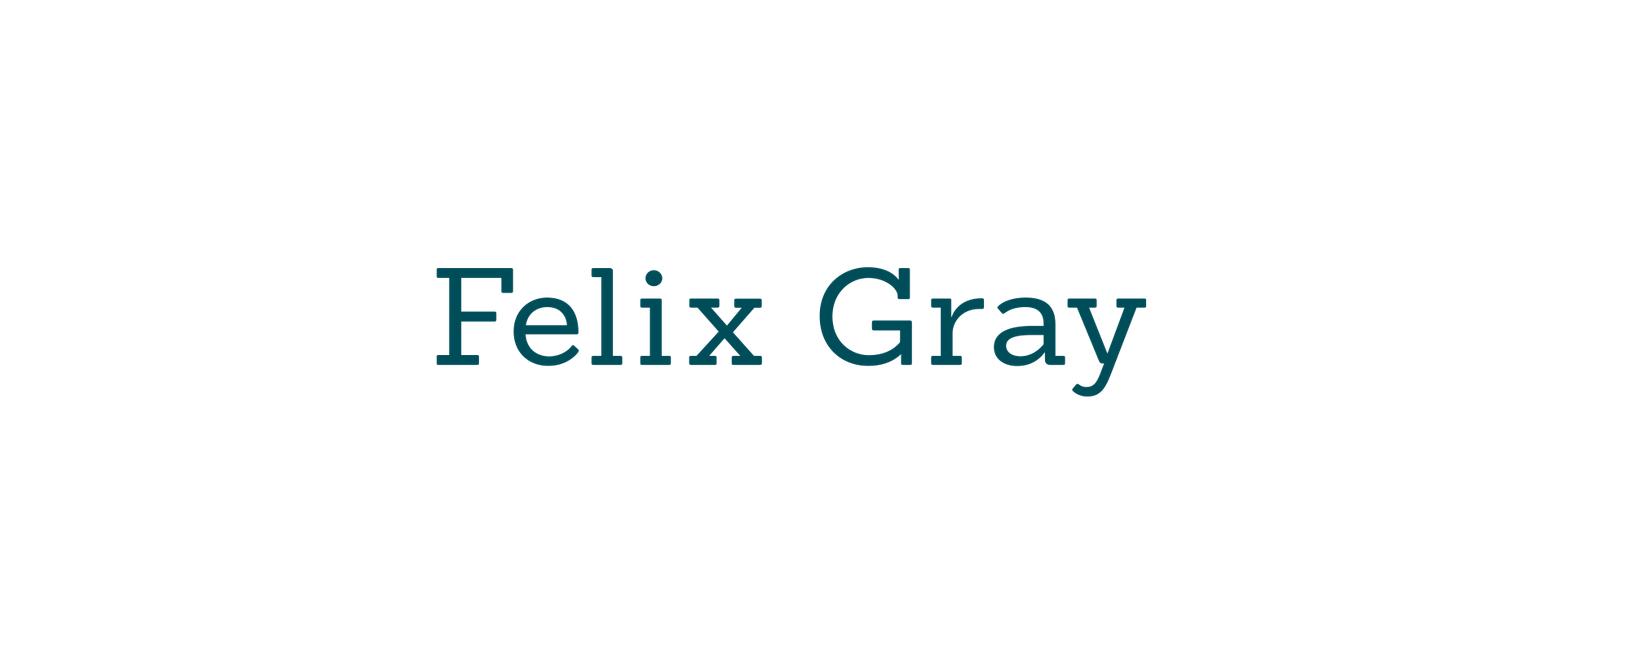 Felix Gray Discount Code 2021